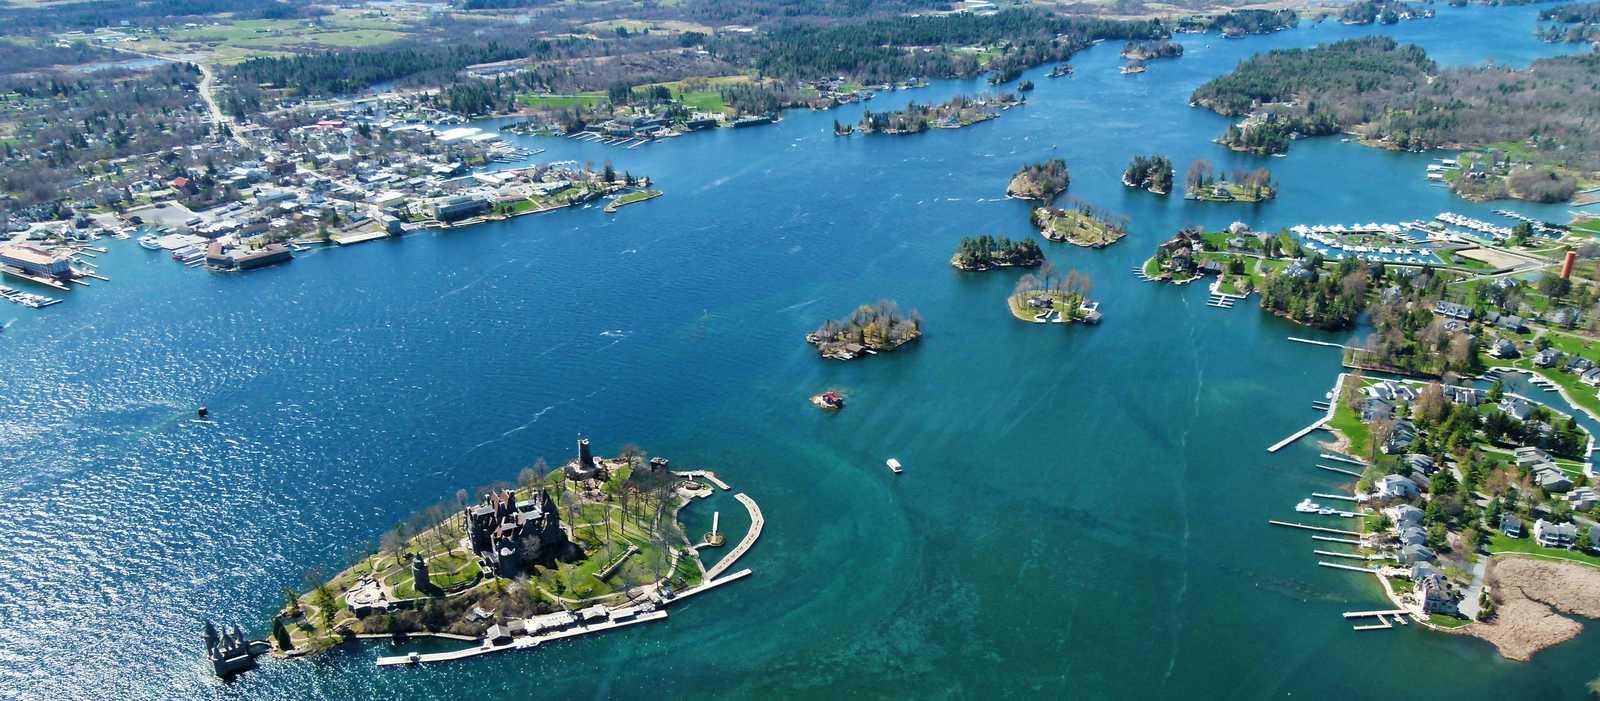 Blick auf die Thousand Islands